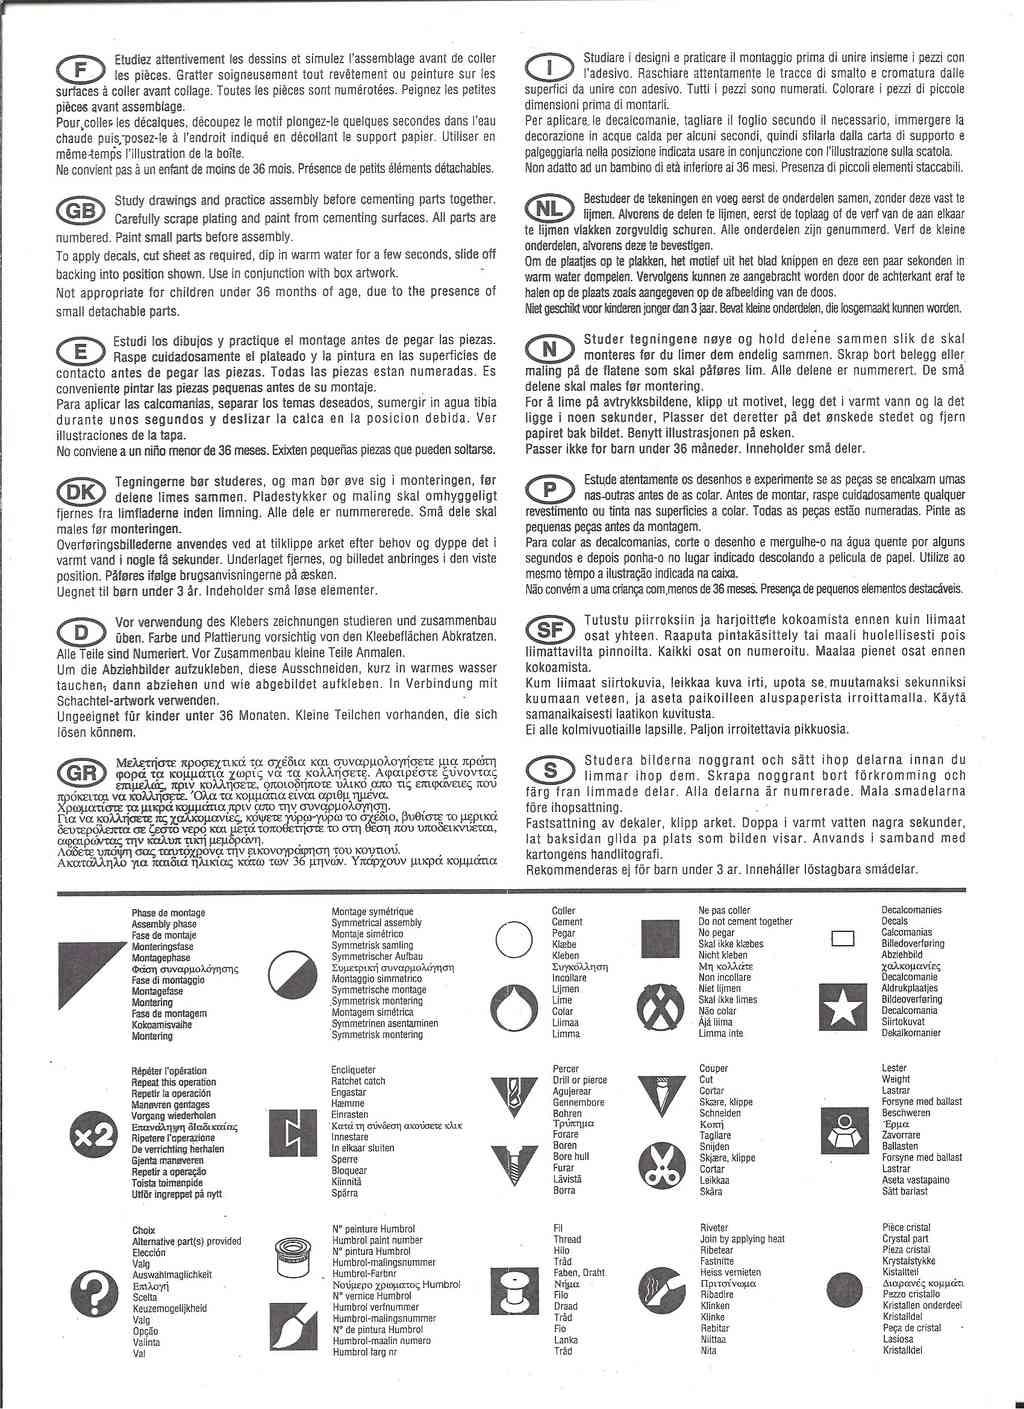 DASSAULT MIRAGE 2000 B 1/72ème Ref 80322 Notice Hell1043